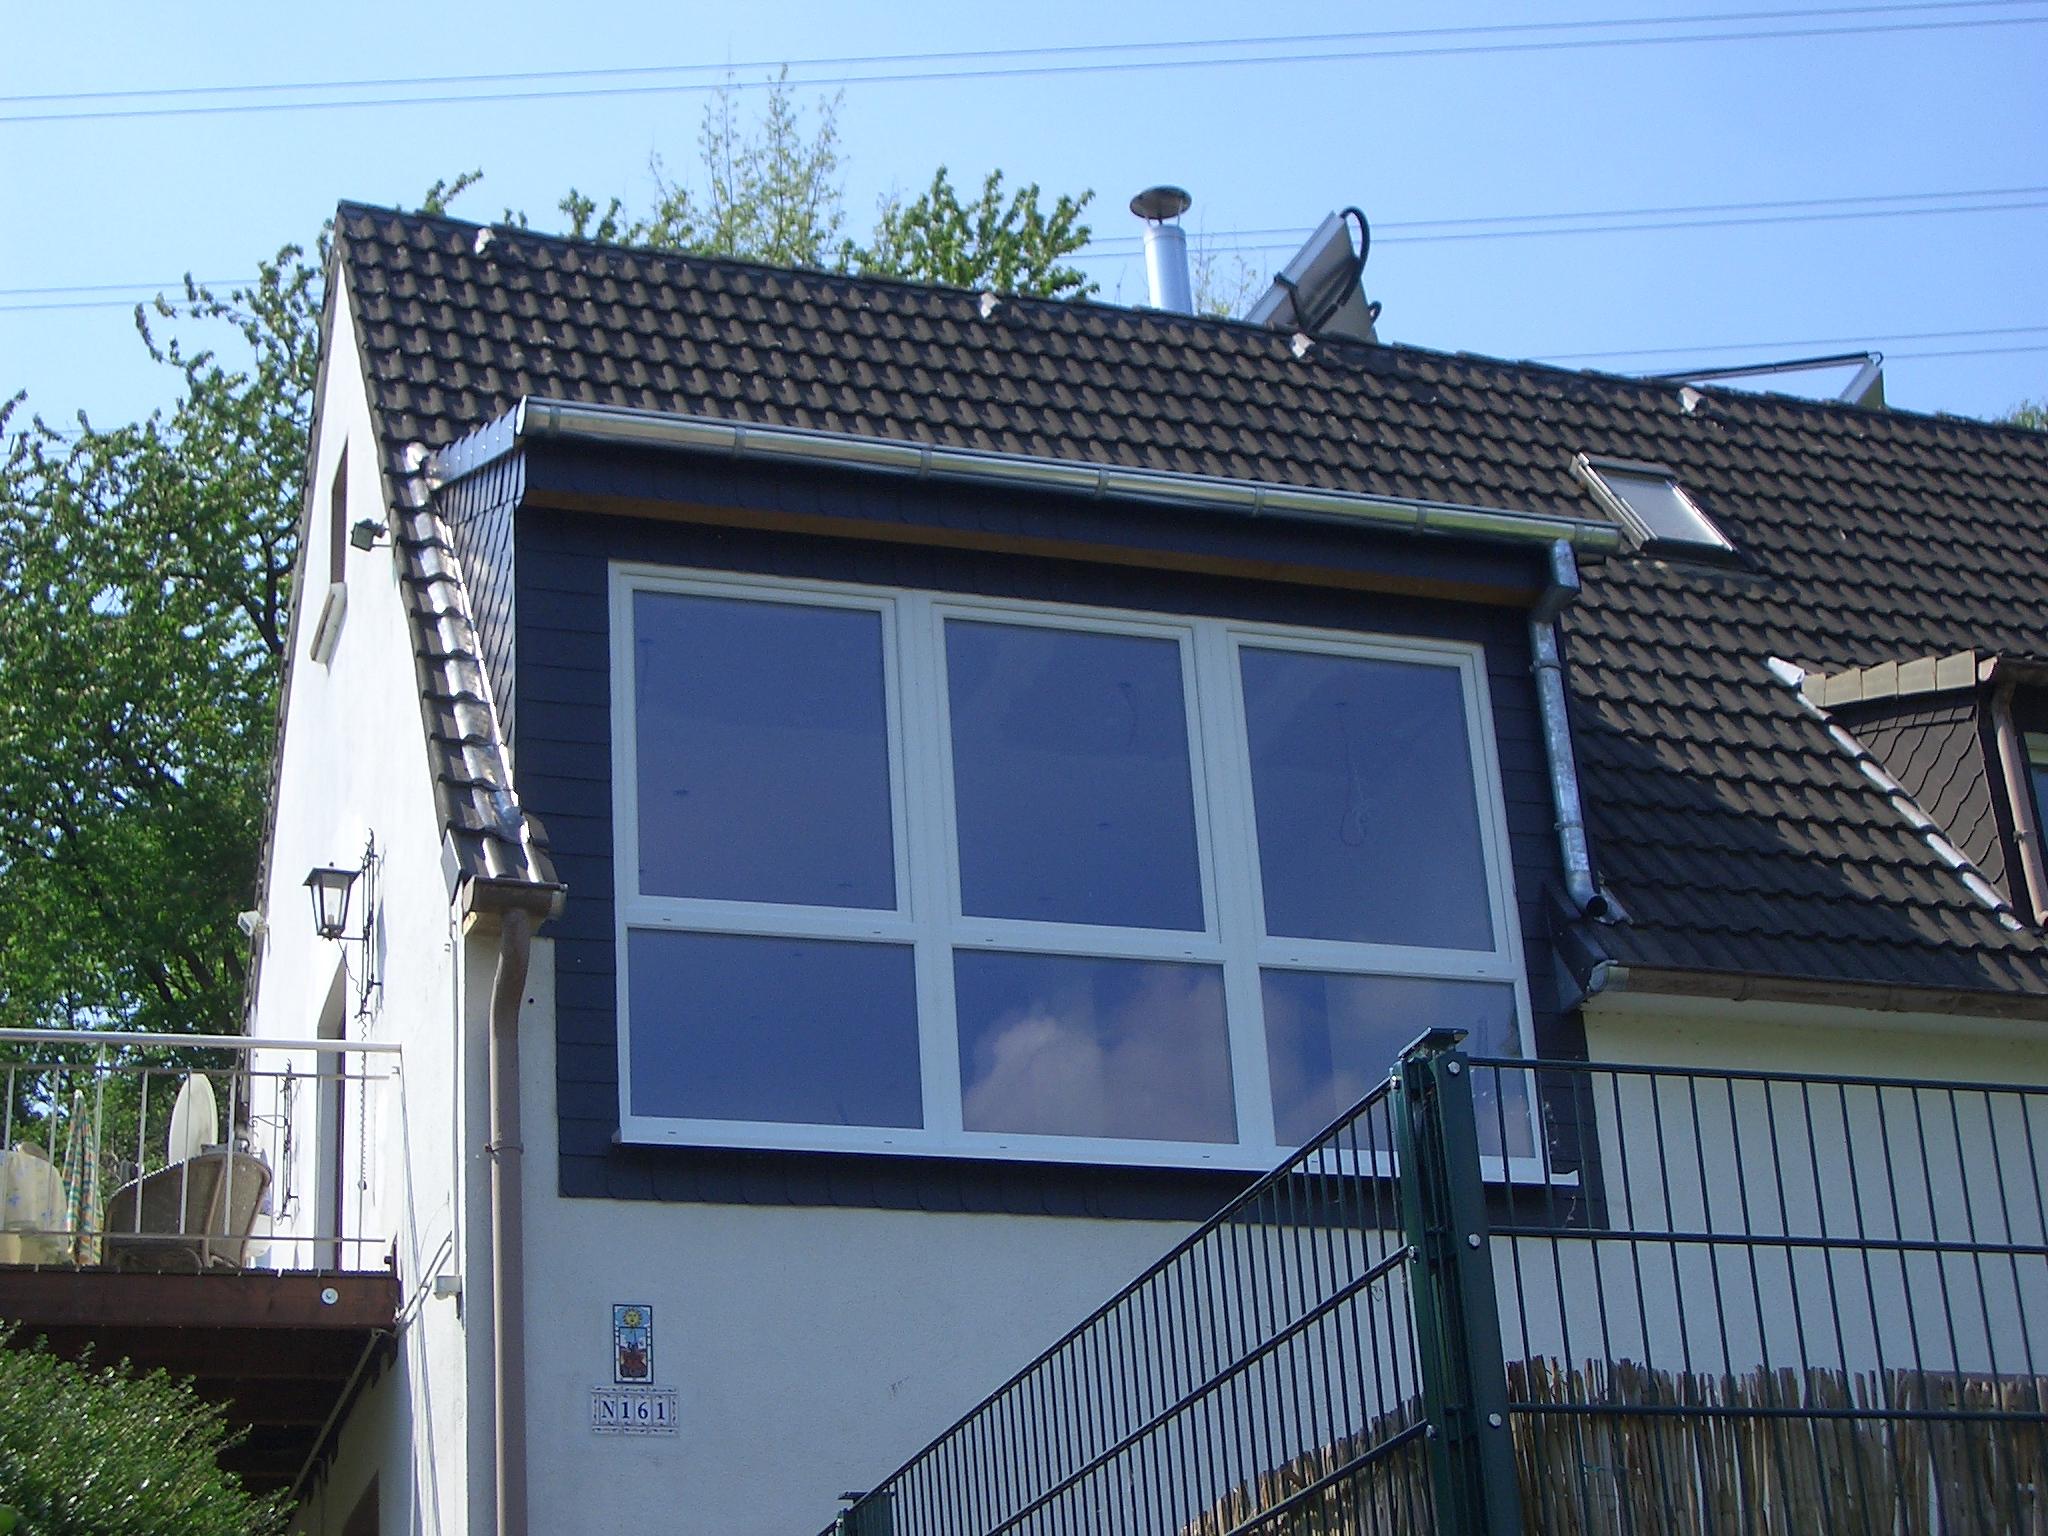 Gaube mit großen Fensterelementen für den klaren Durchblick